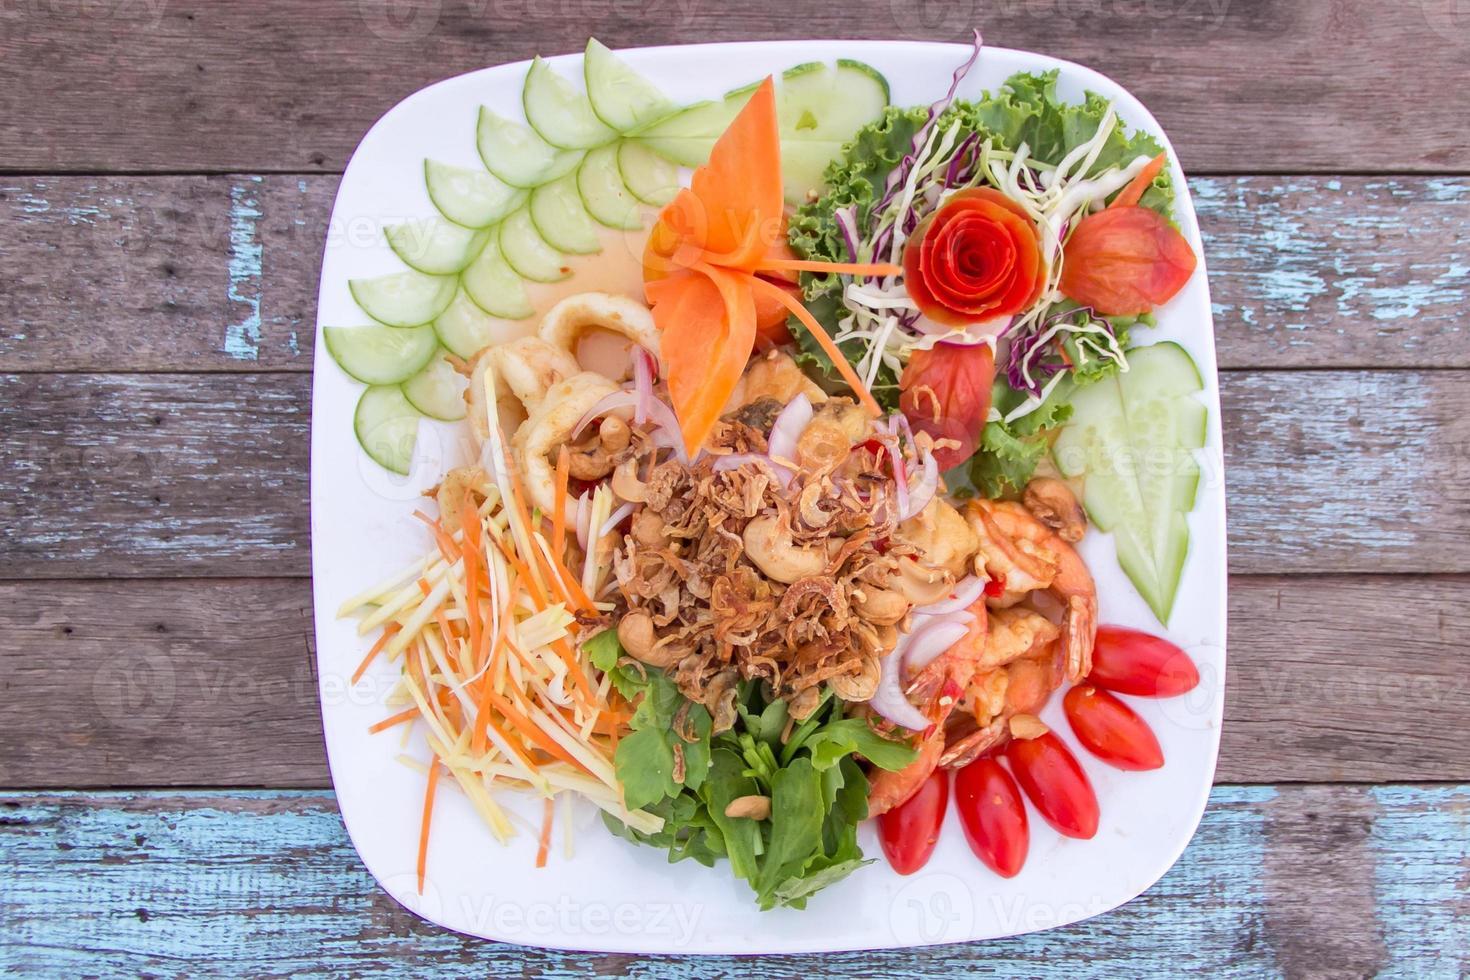 macedonia tailandese con salato foto